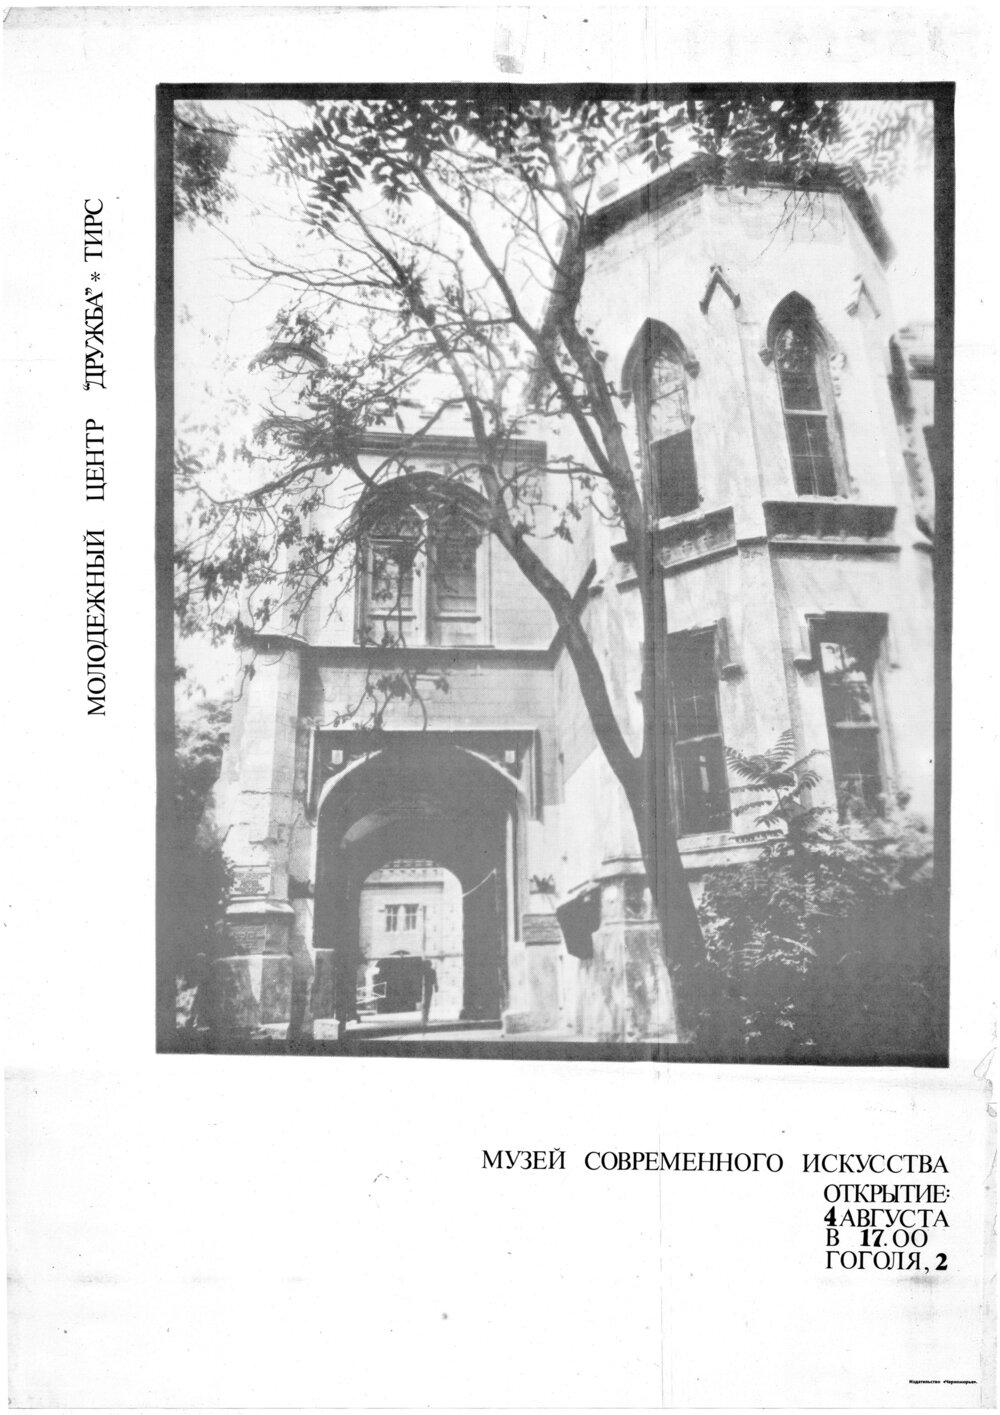 Первая Афиша ТИРСа – официальное открытие. Фото из архива Музея современного искусства Одессы